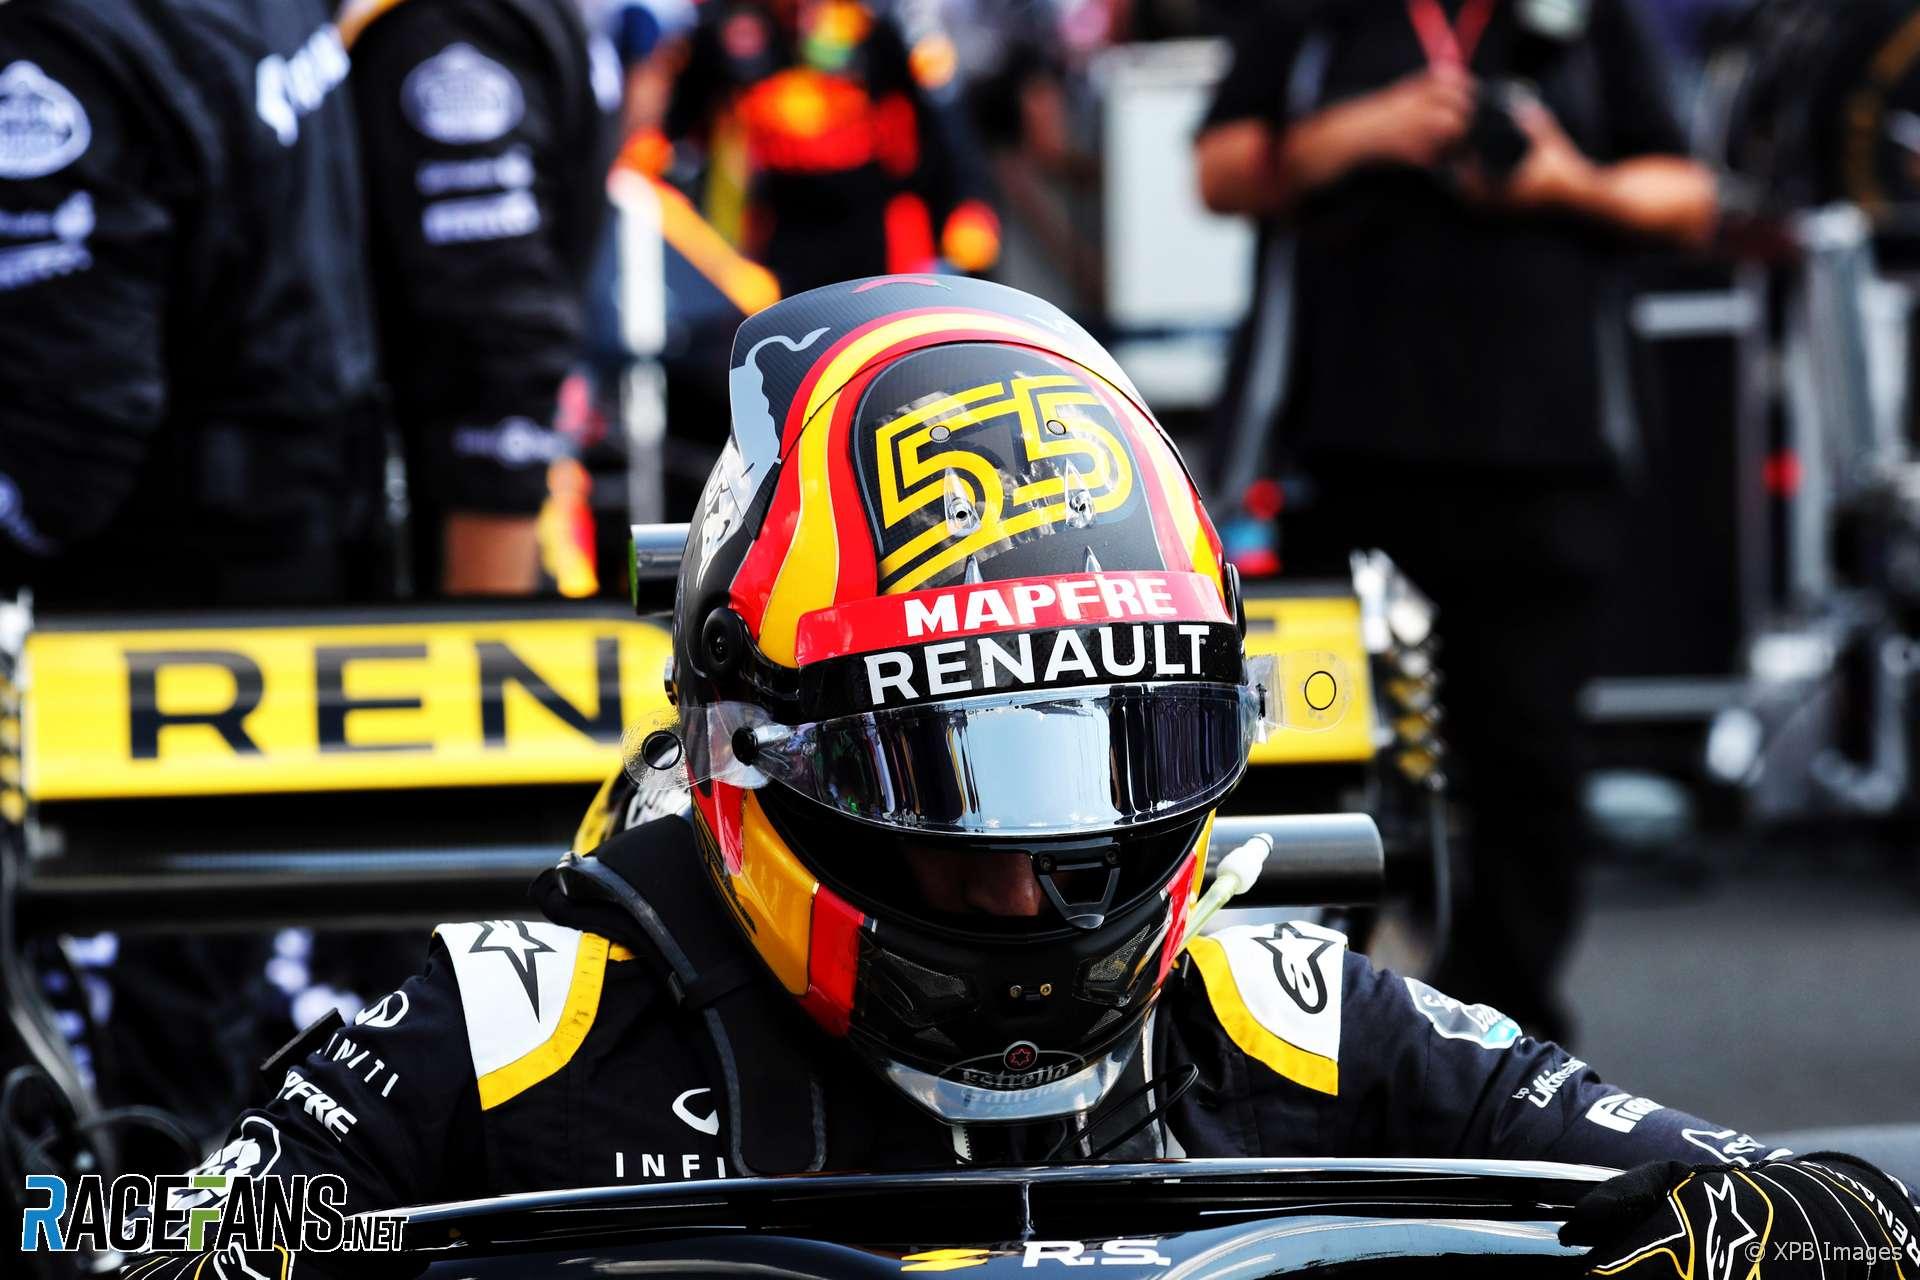 Carlos Sainz Jnr, Renault, Hungaroring, 2018